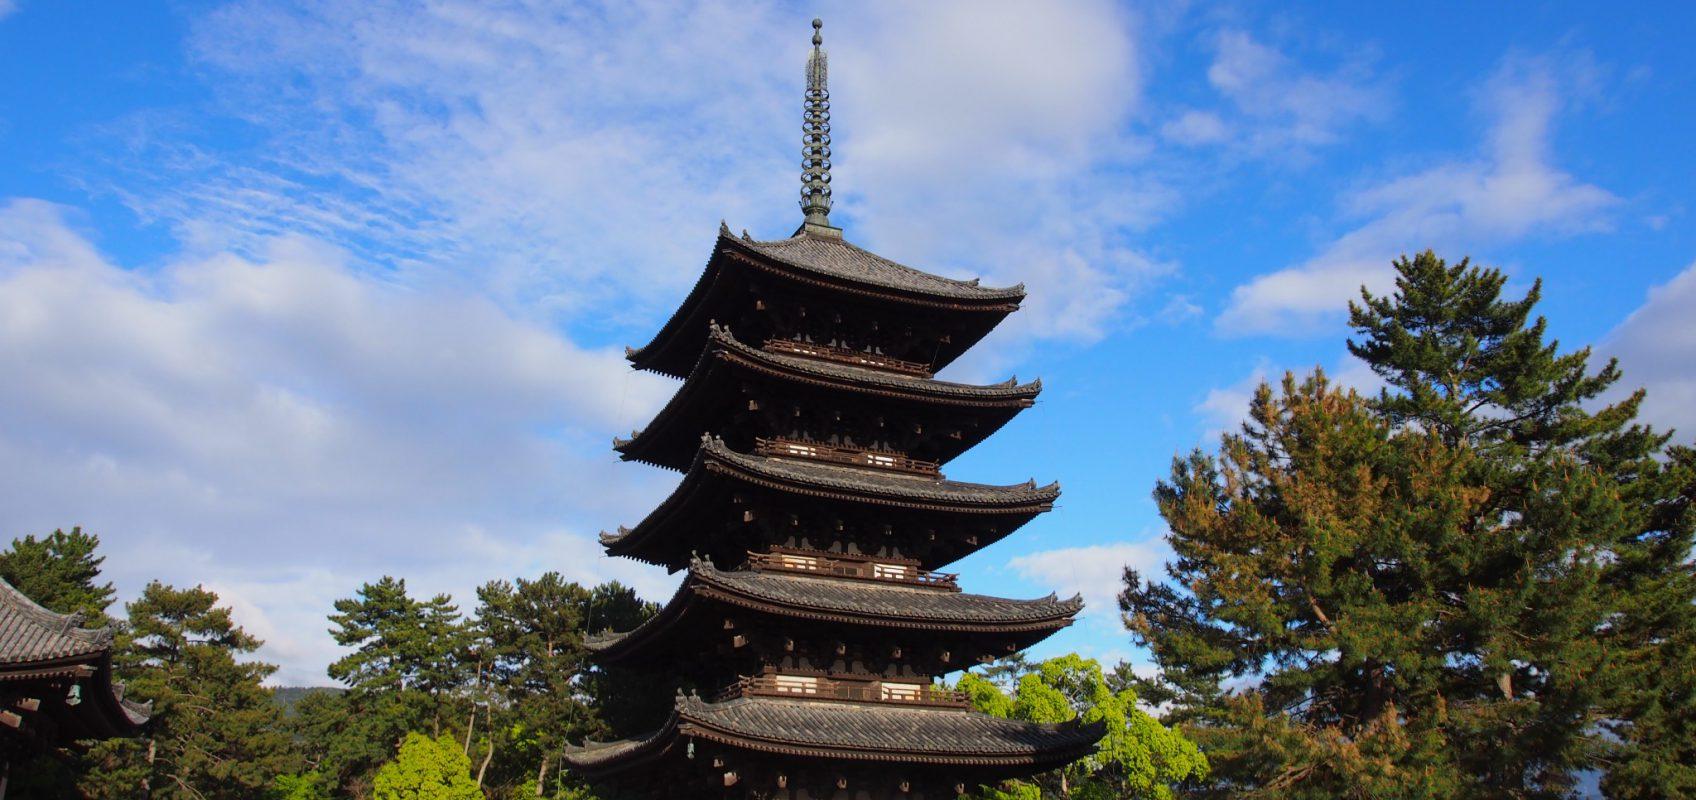 大勢の観光客でにぎわう興福寺五重塔